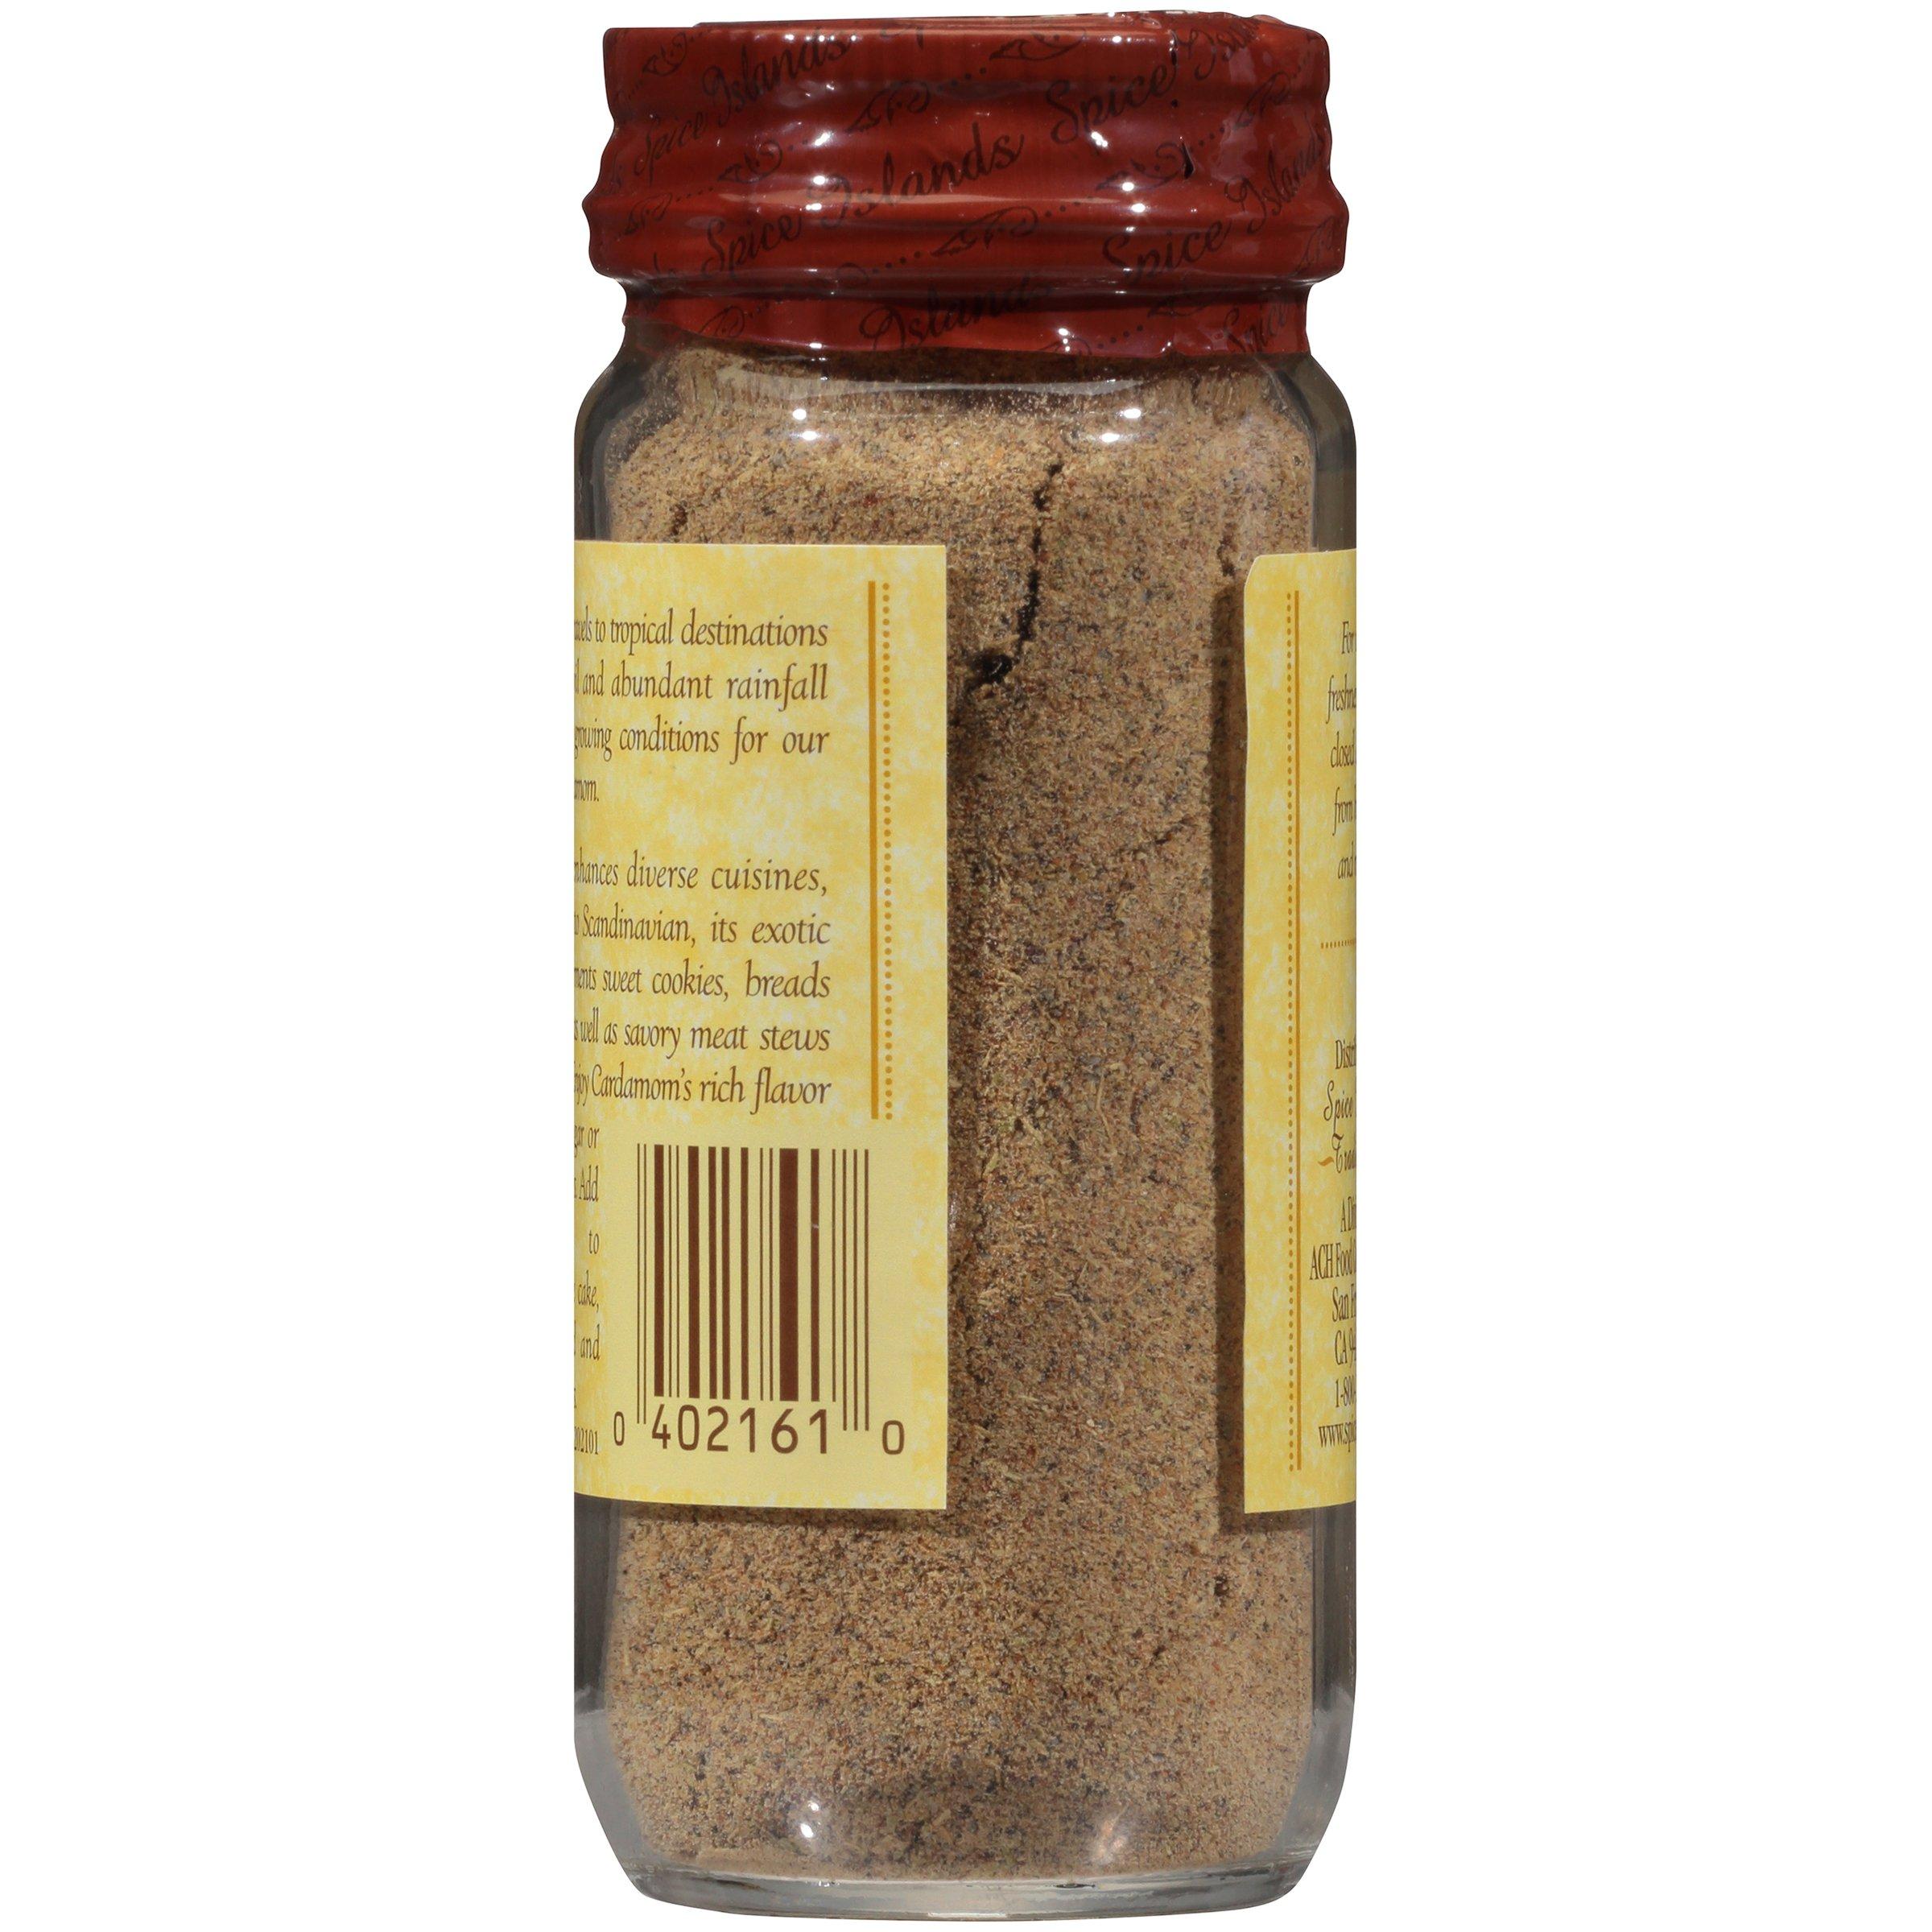 Spice Islands Ground Cardamom, 2 oz by Spice Islands (Image #2)